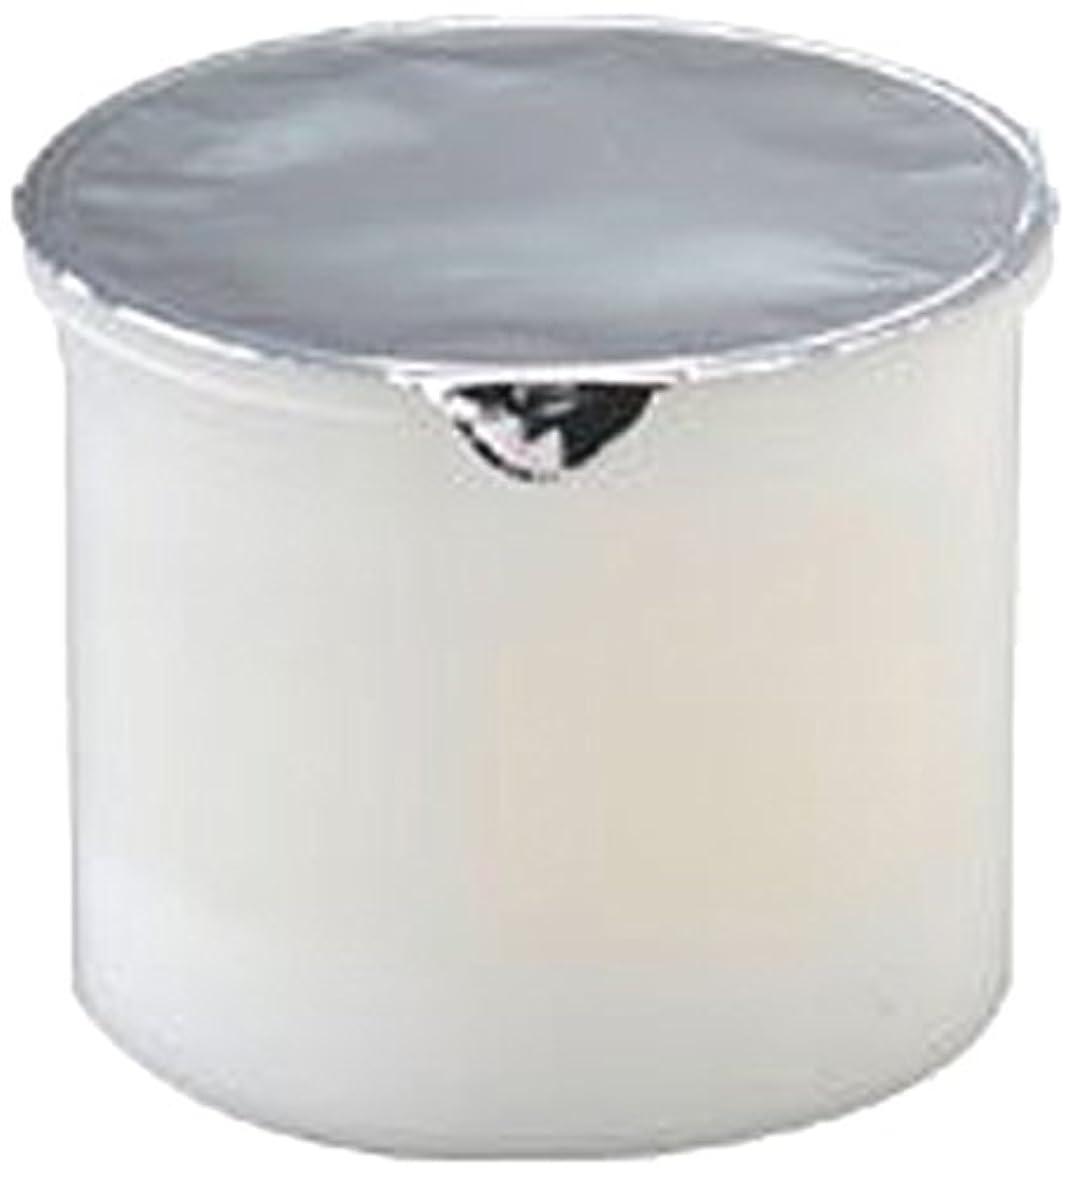 蒸留発動機形ラシンシア クリアホワイト(W)レフィル 50g